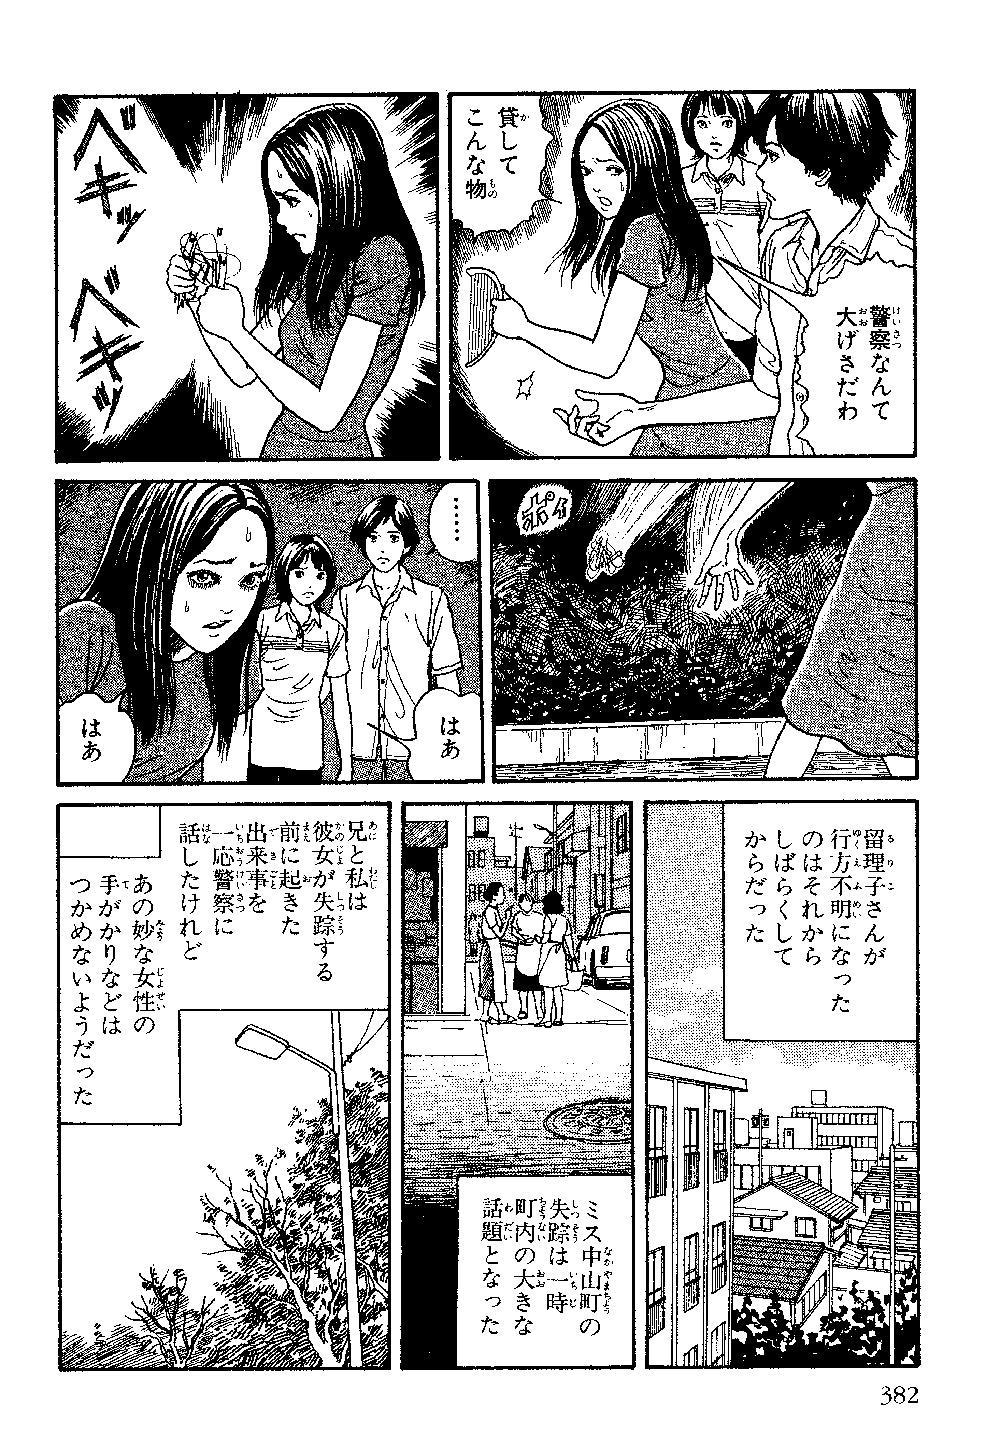 itouj_0004_0384.jpg